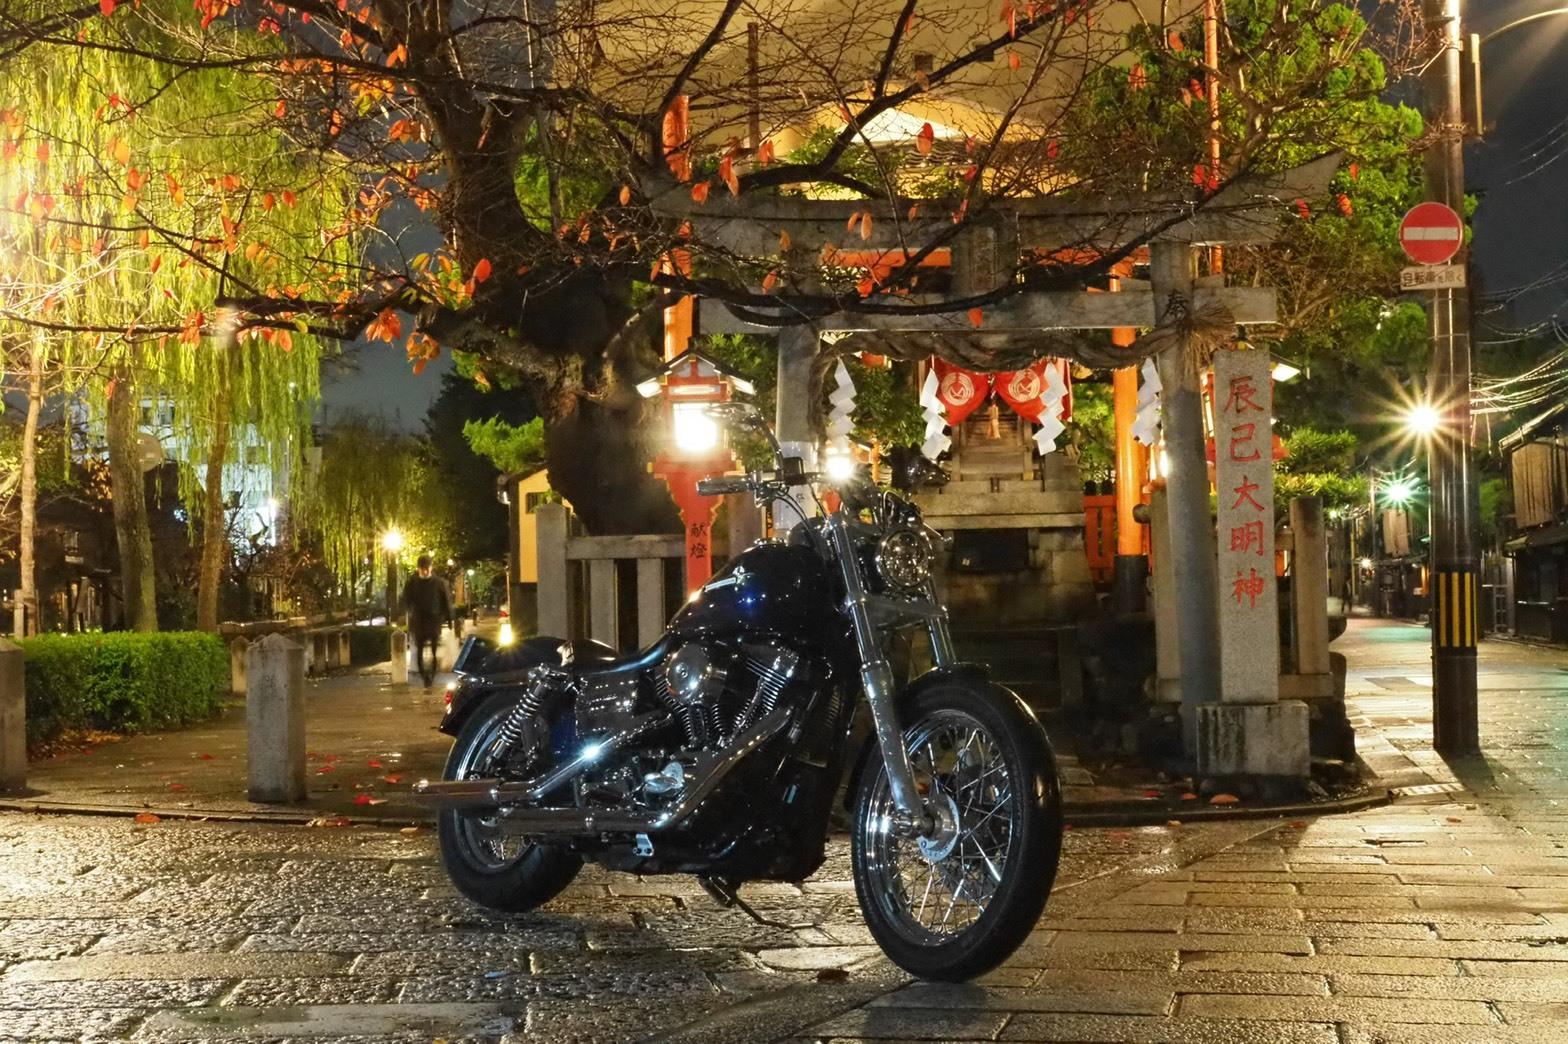 ぴーきちハーレーブログ 京都ナイトツーリング 祇園 雨の京都 夜景